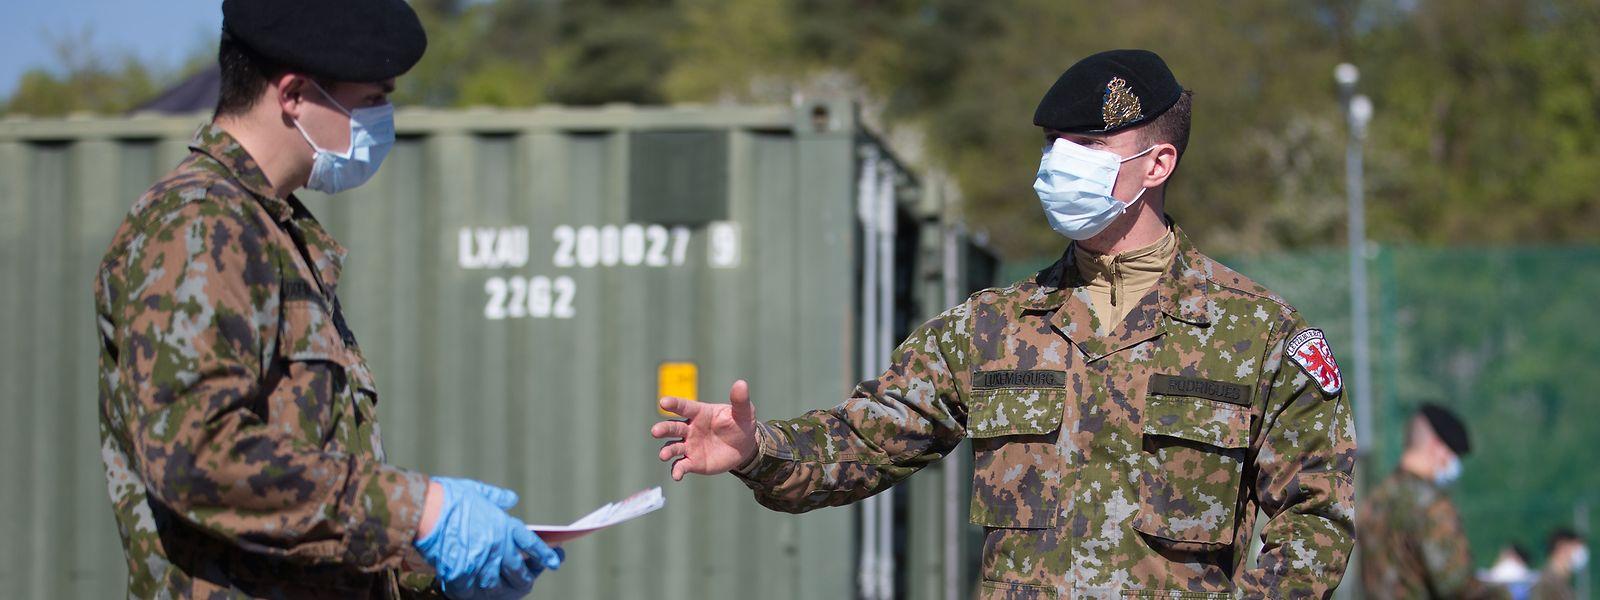 Die Armee ist ein wichtiger Helfer im Falle von Krisen und Katastrophen, so auch in der Corona-Krise und rezent bei der Hochwasserkatastrophe.